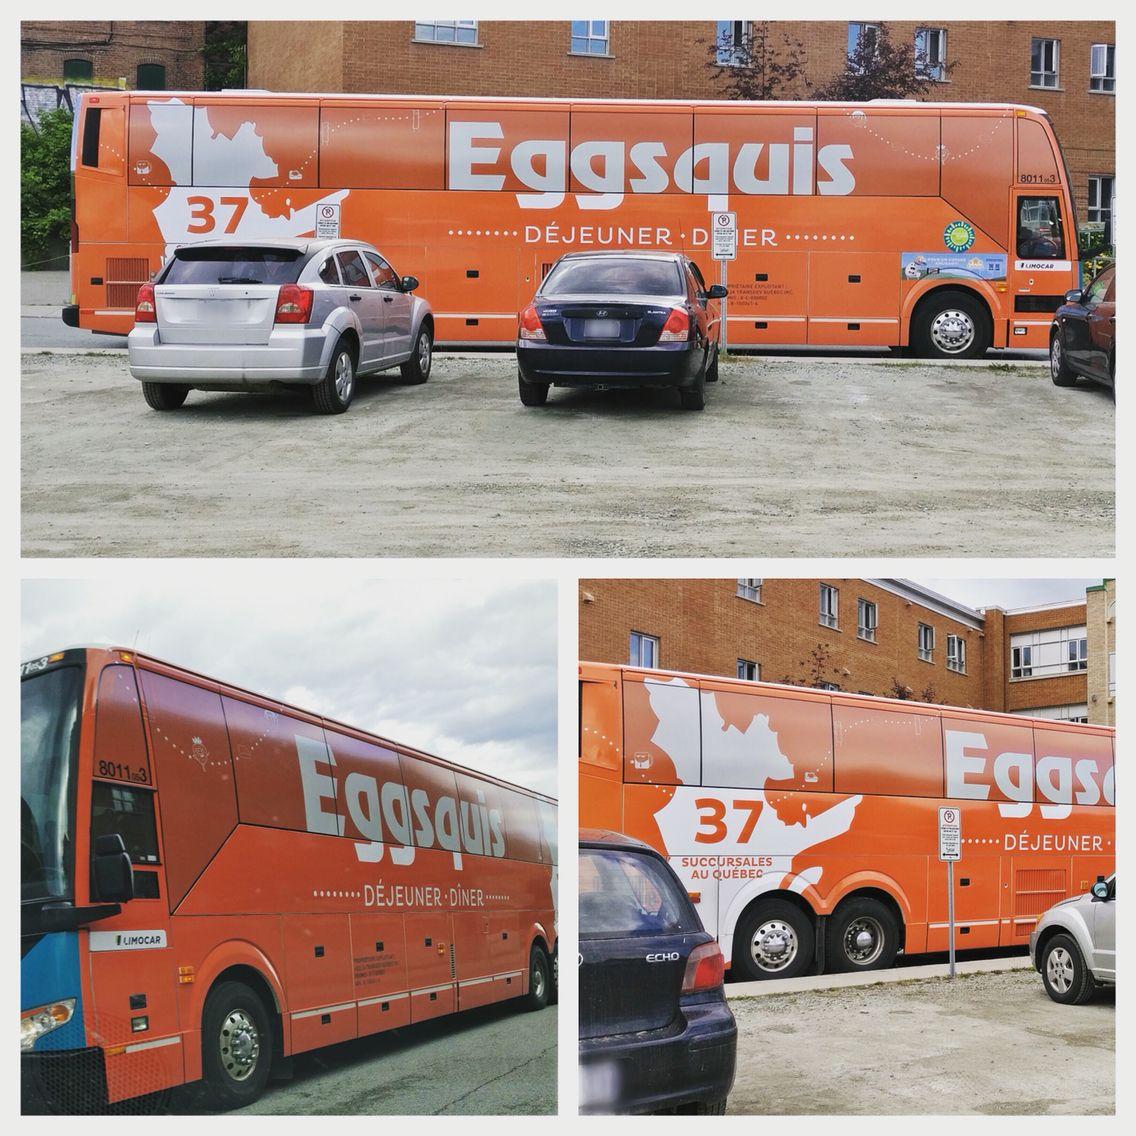 Eggsquis Bus